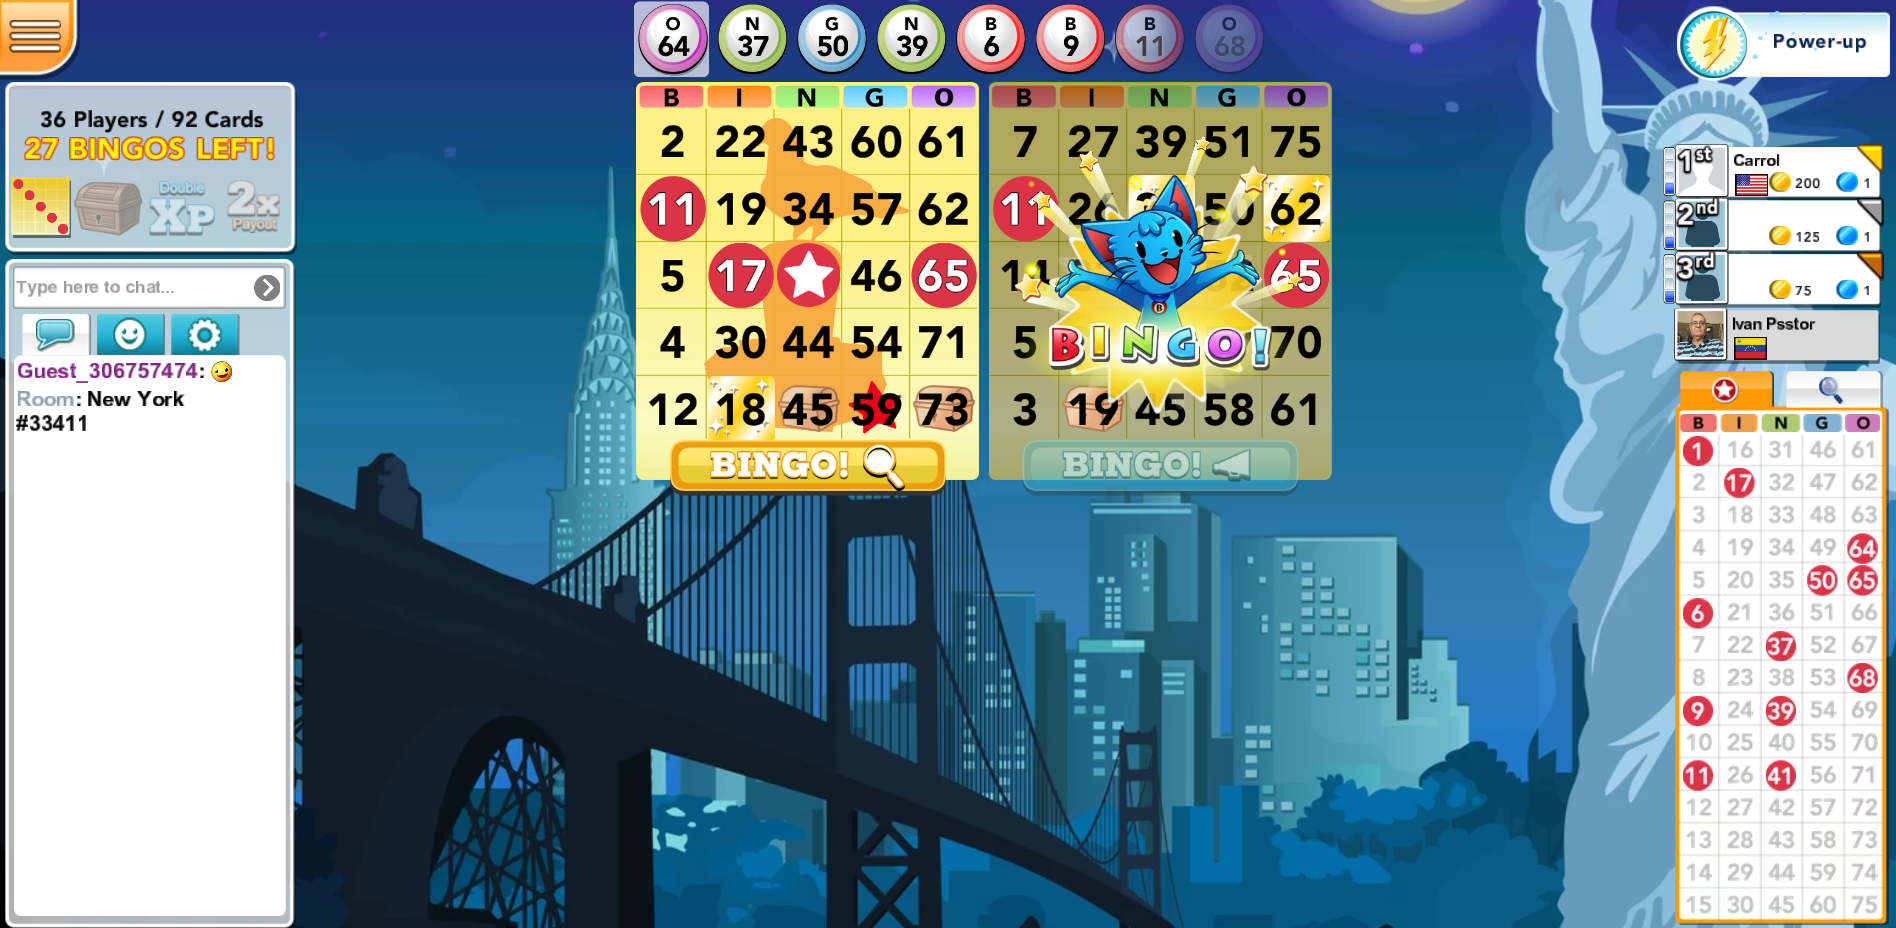 Bingo Blitz fun online bingo games